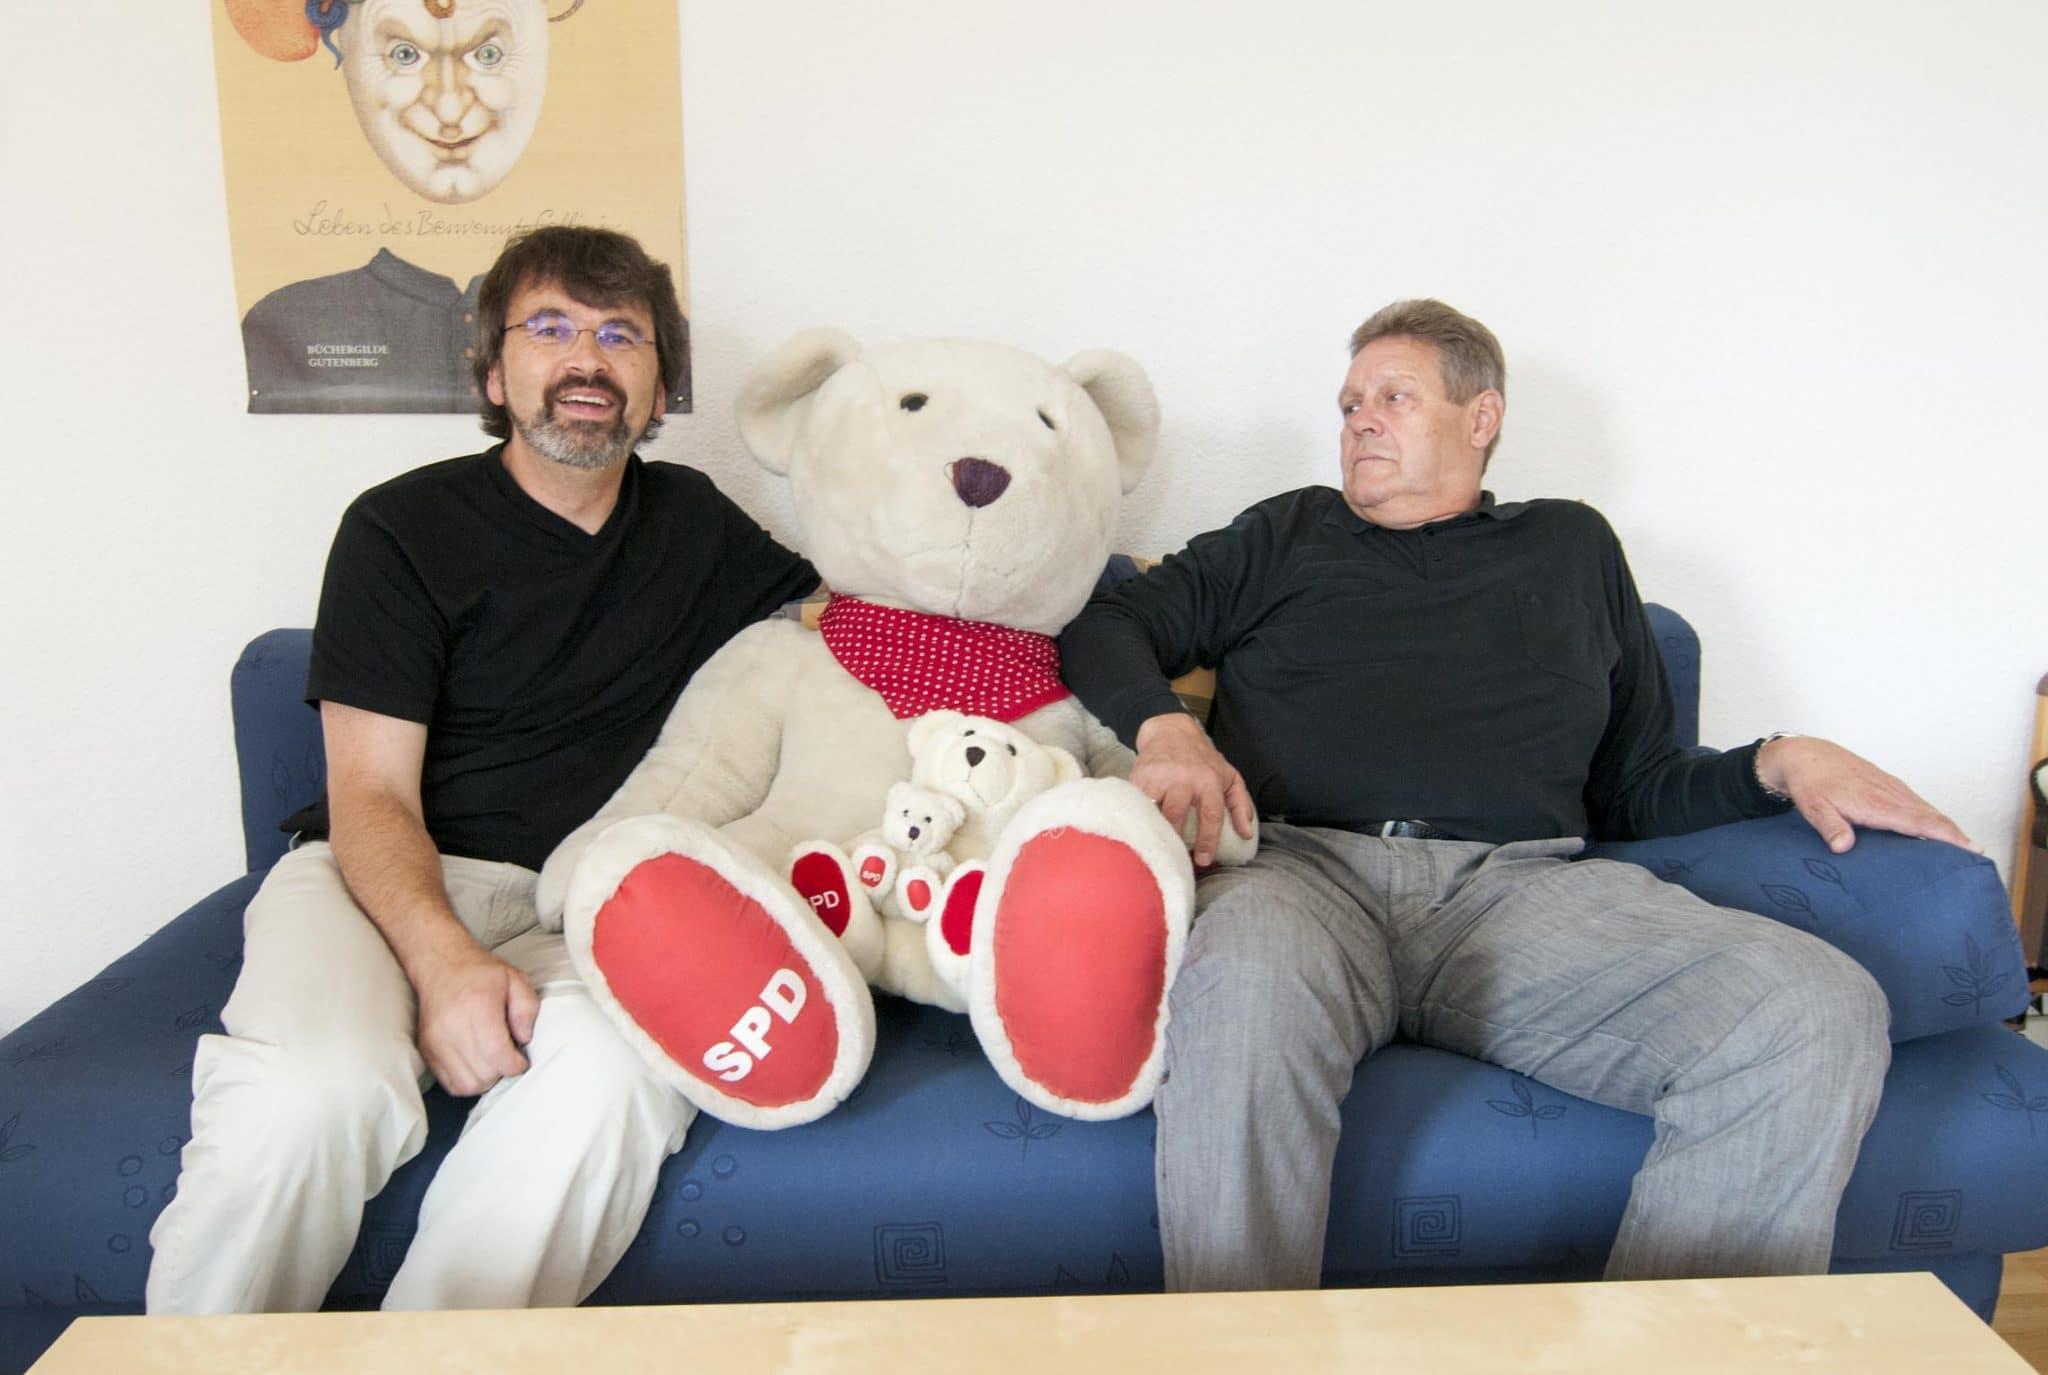 Teilen sich während der Sitzungswochen eine Wohnung: René Röspel (l.) und Willi Brase, Fotos: Laurin Schmid